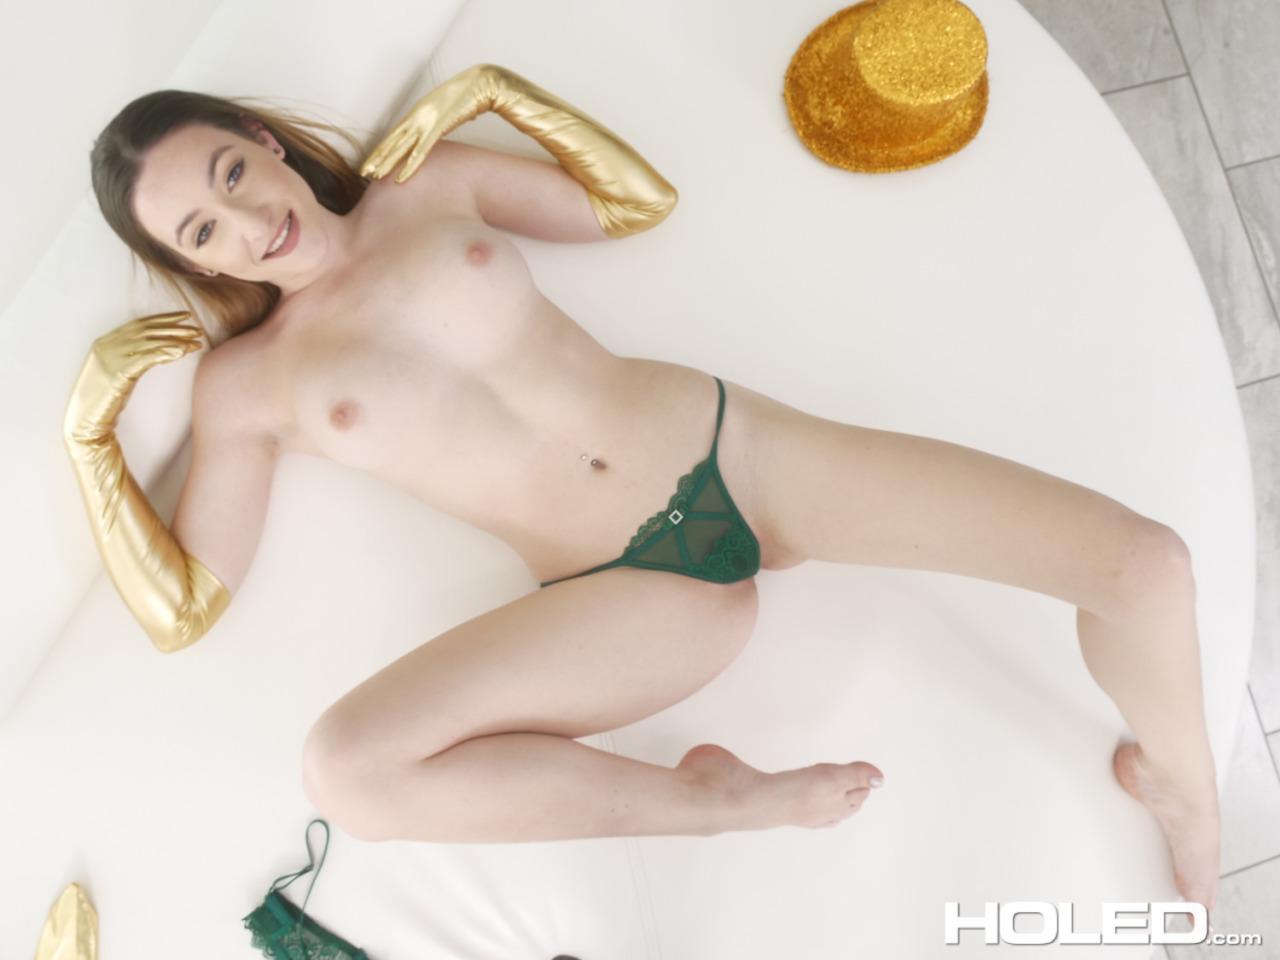 Holed: Everly Haze - 3